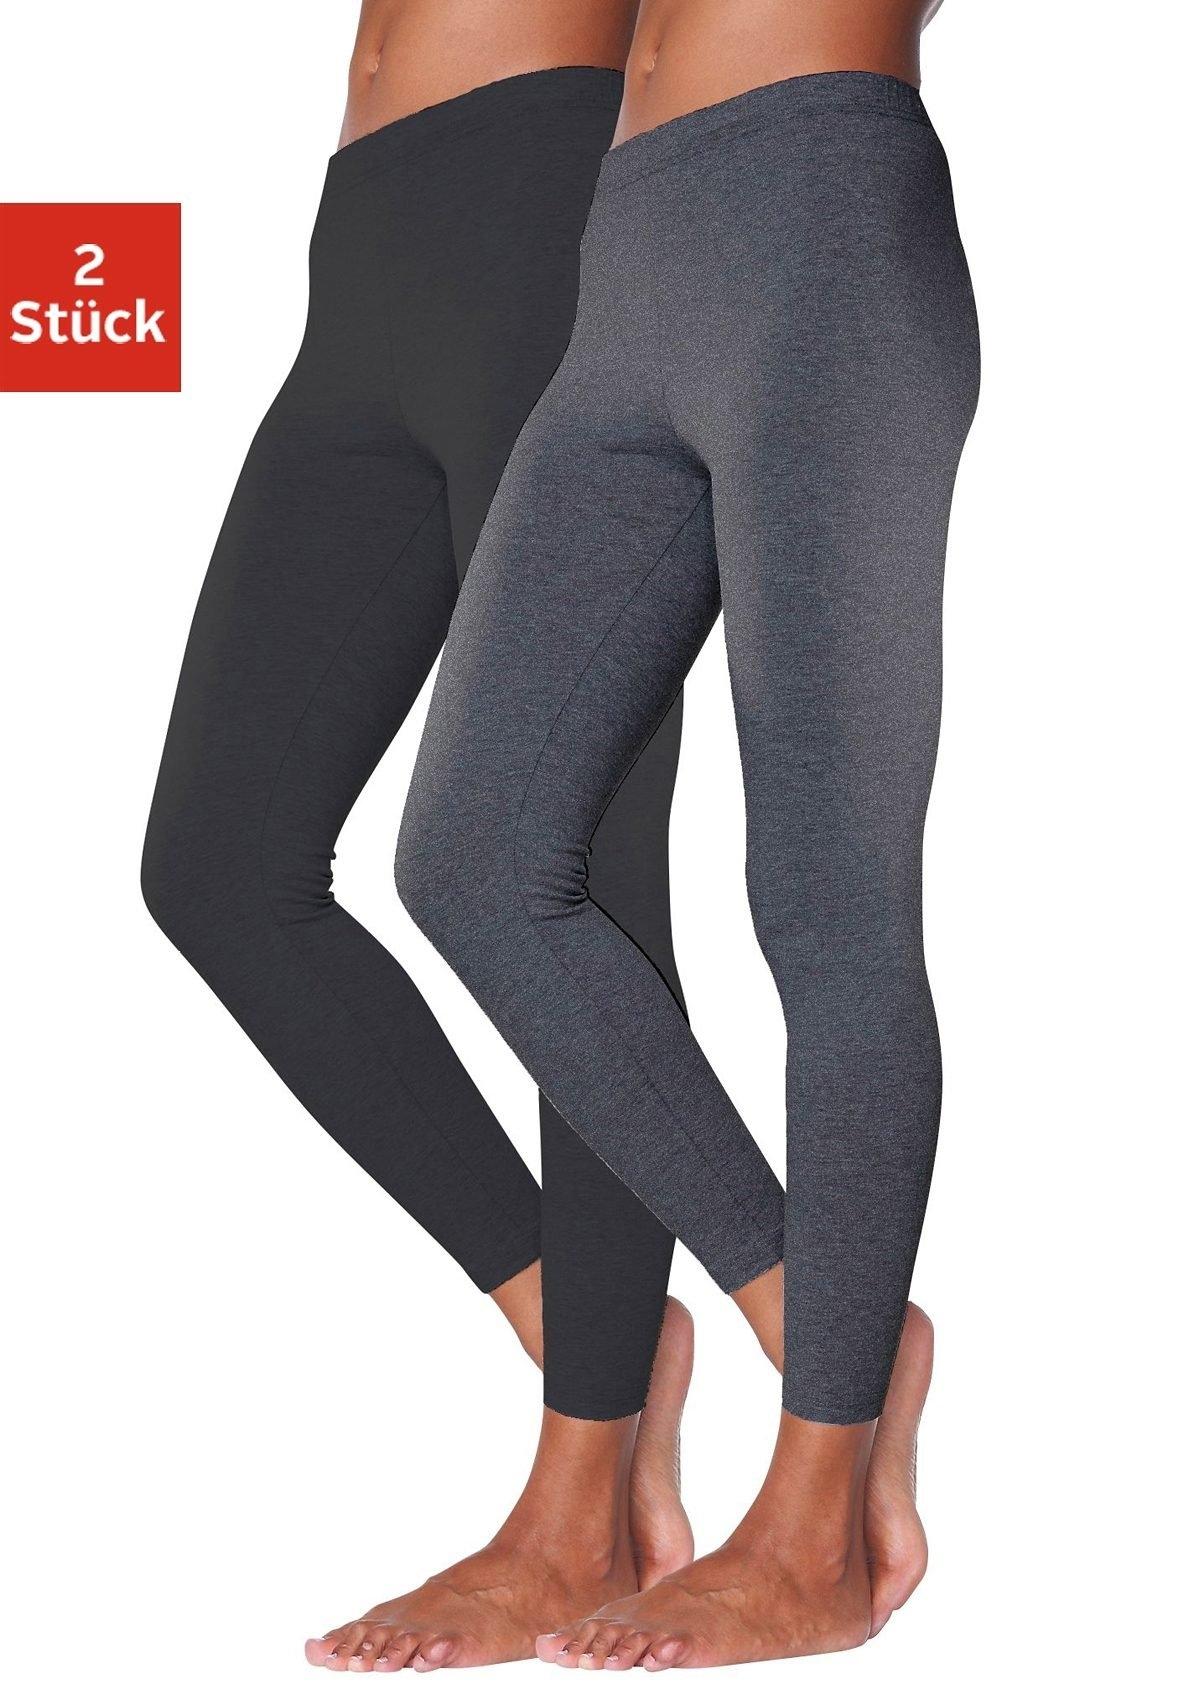 vivance active Basic legging in set van 2, VIVANCE voordelig en veilig online kopen